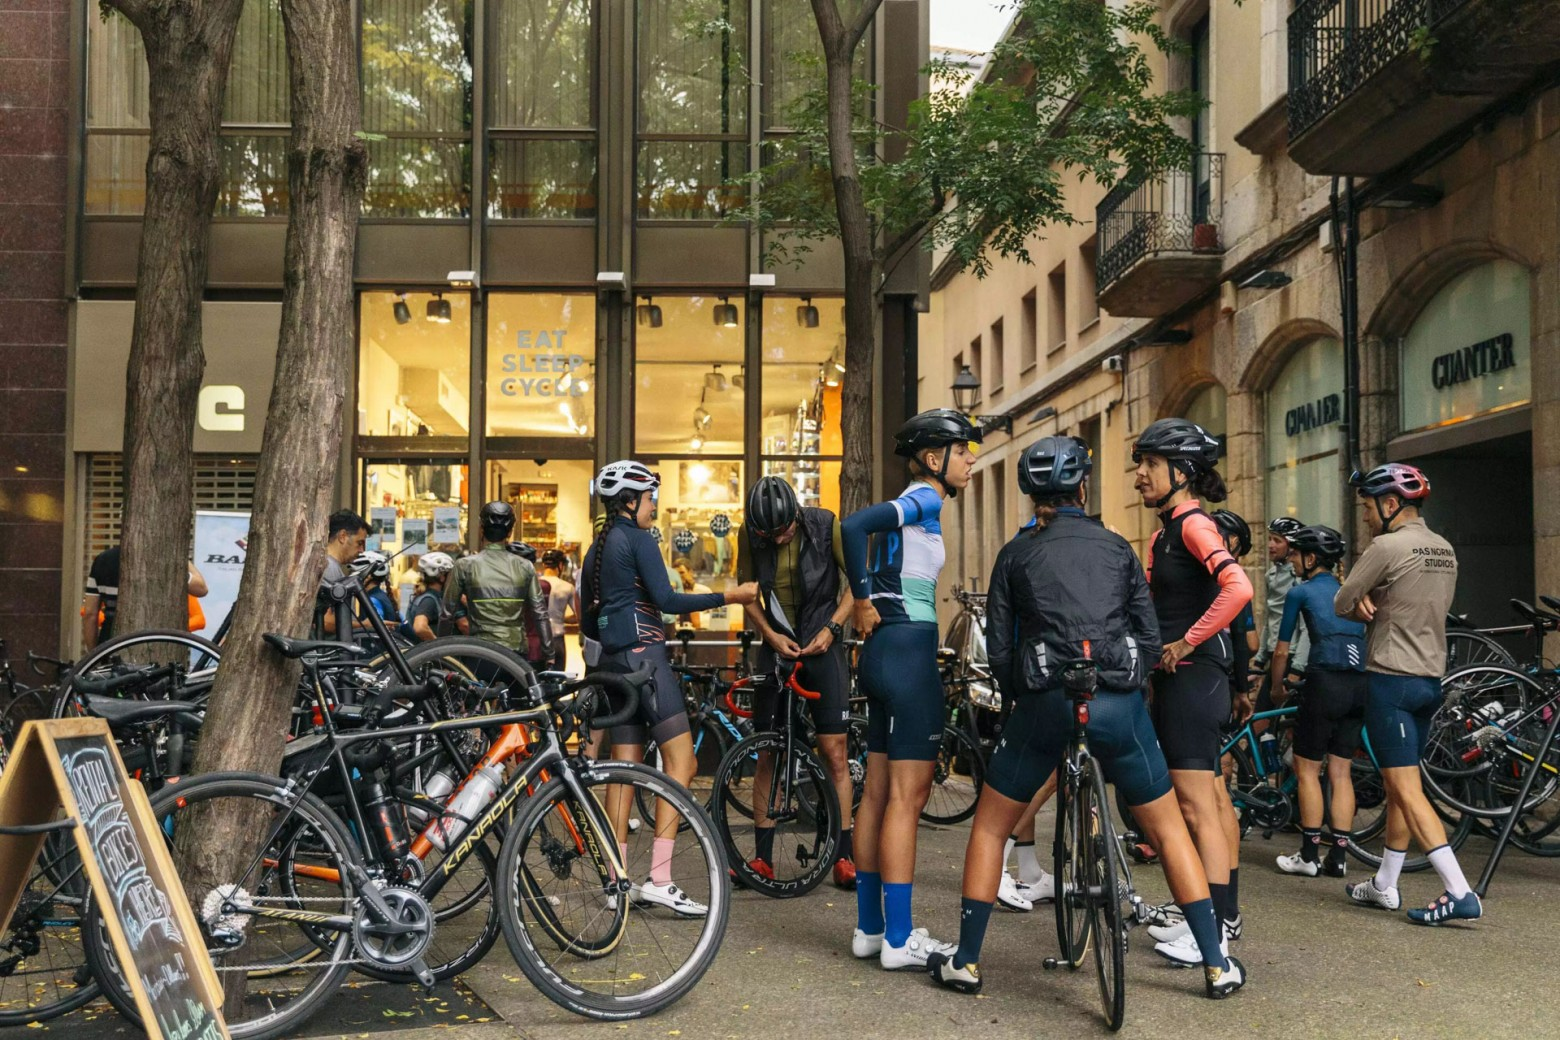 demasiado-cafe-ciclista/